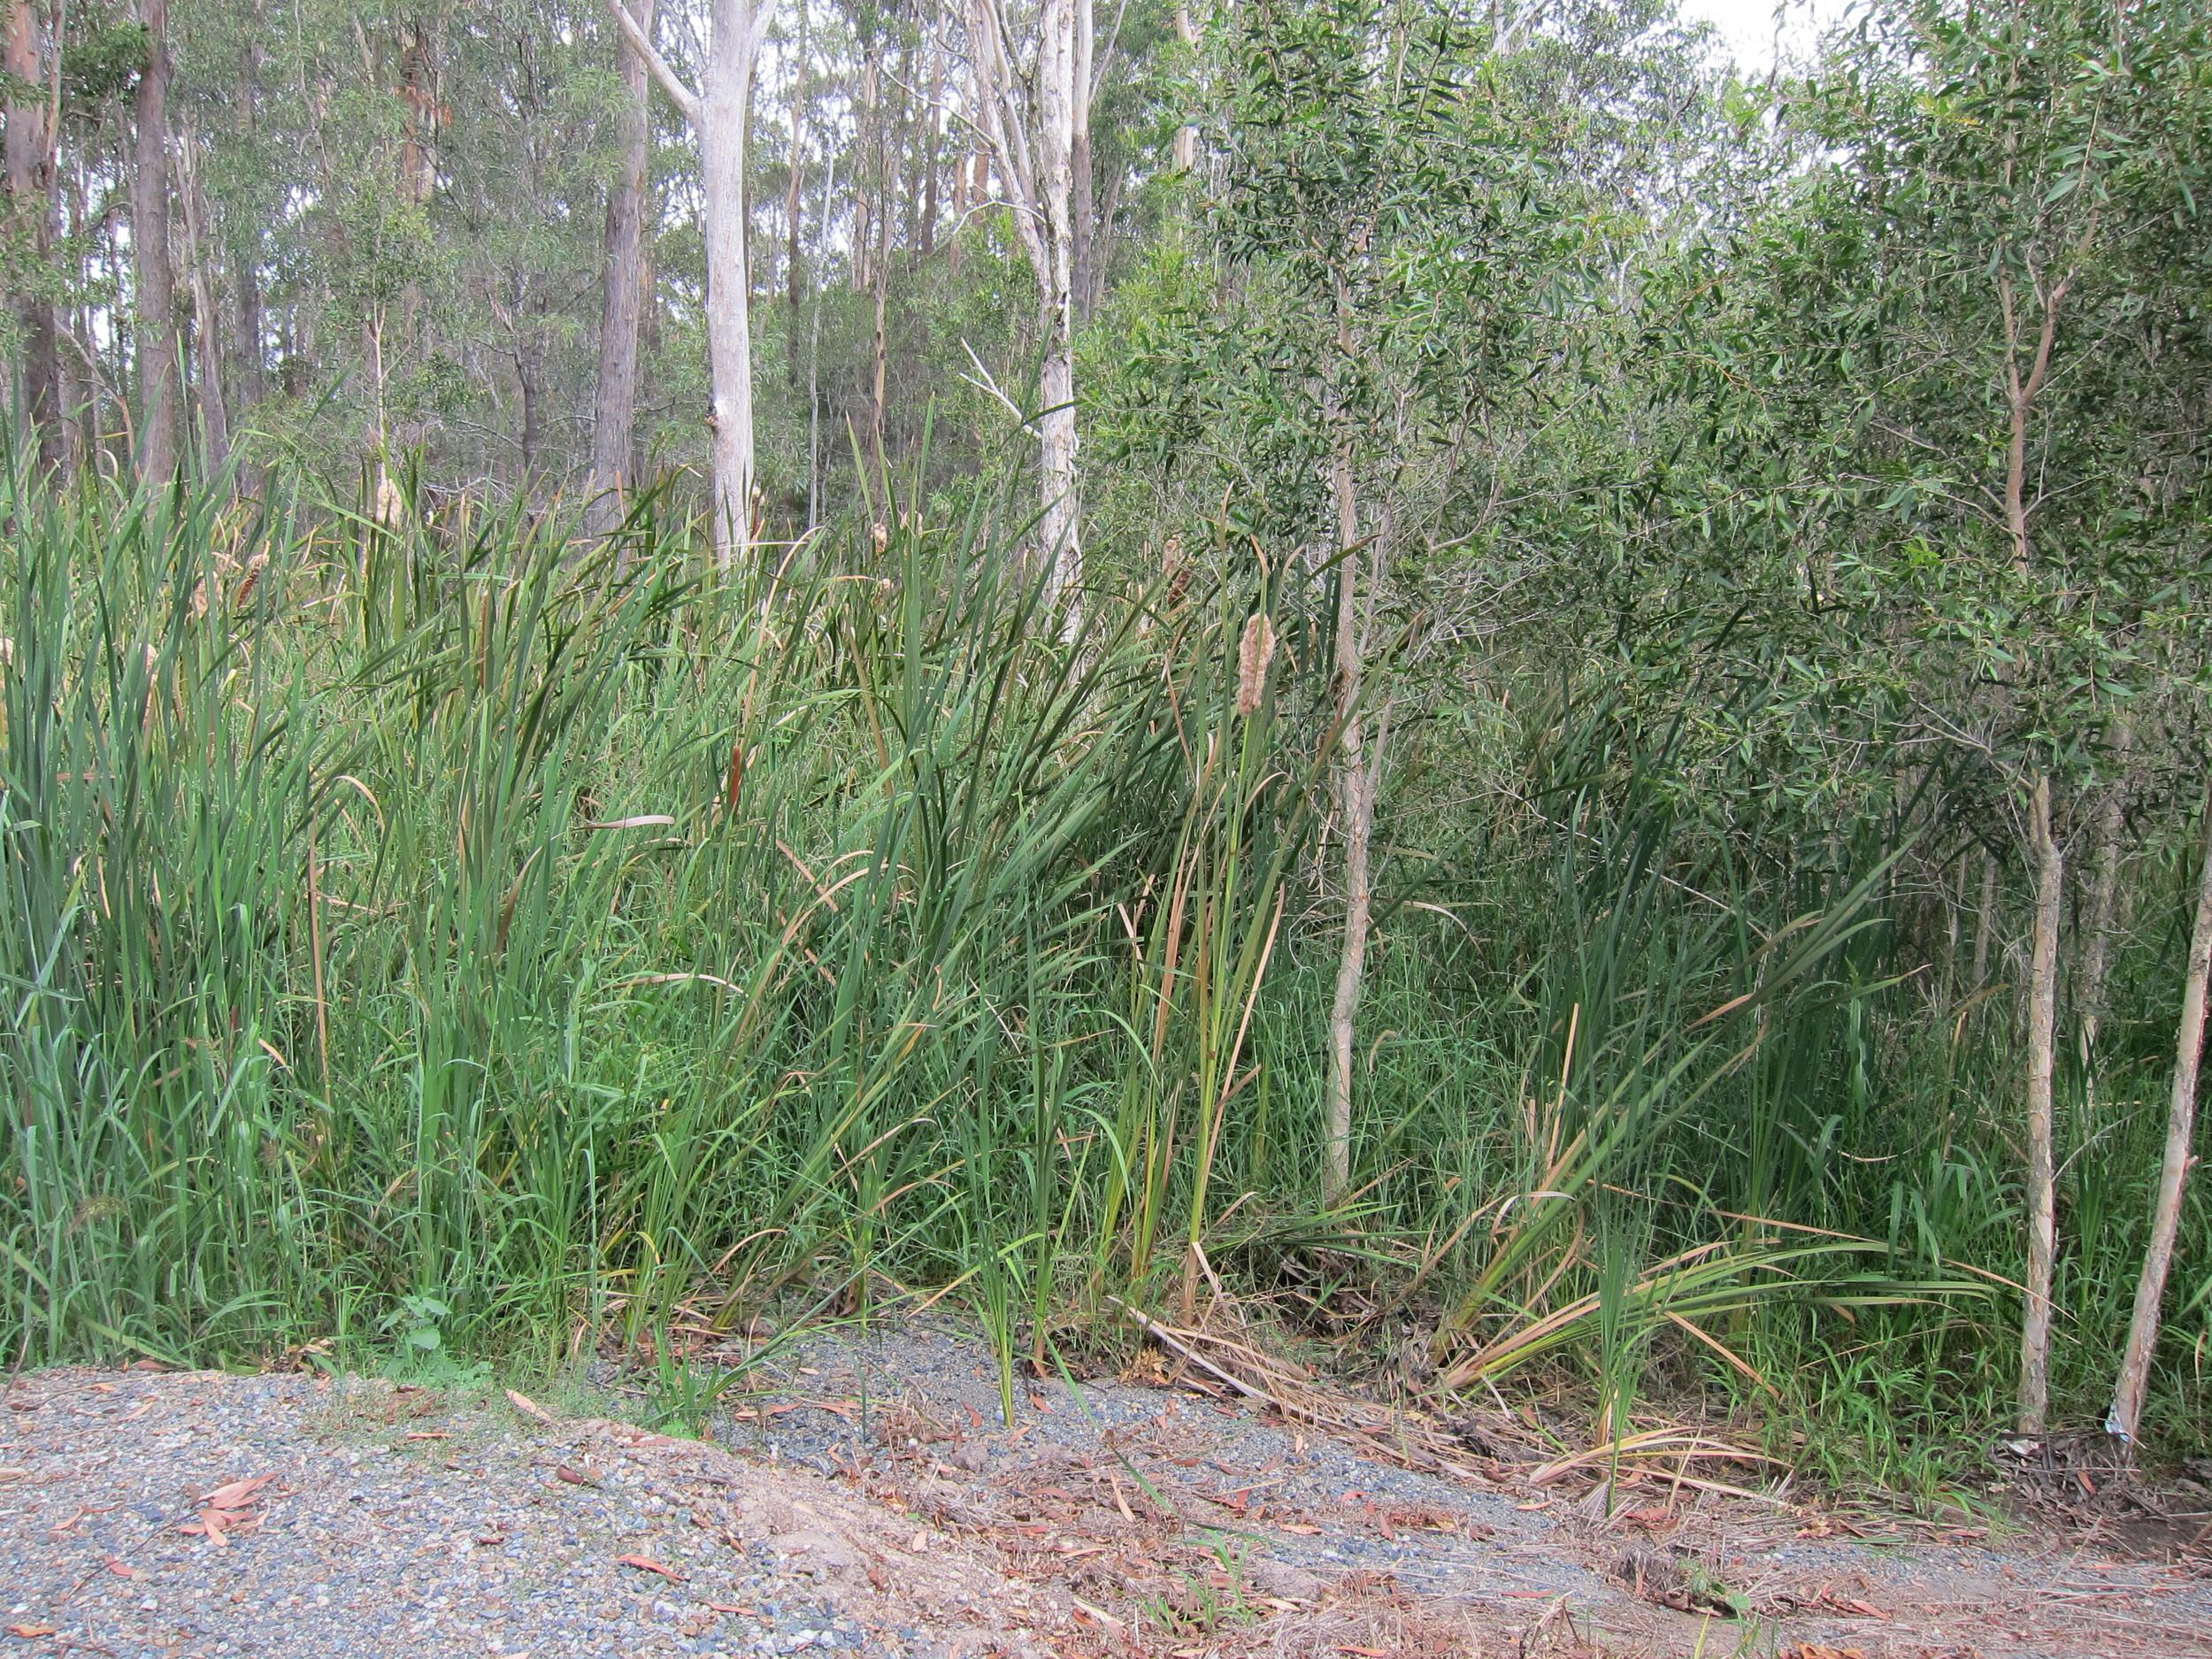 Valley Way Bioretention System